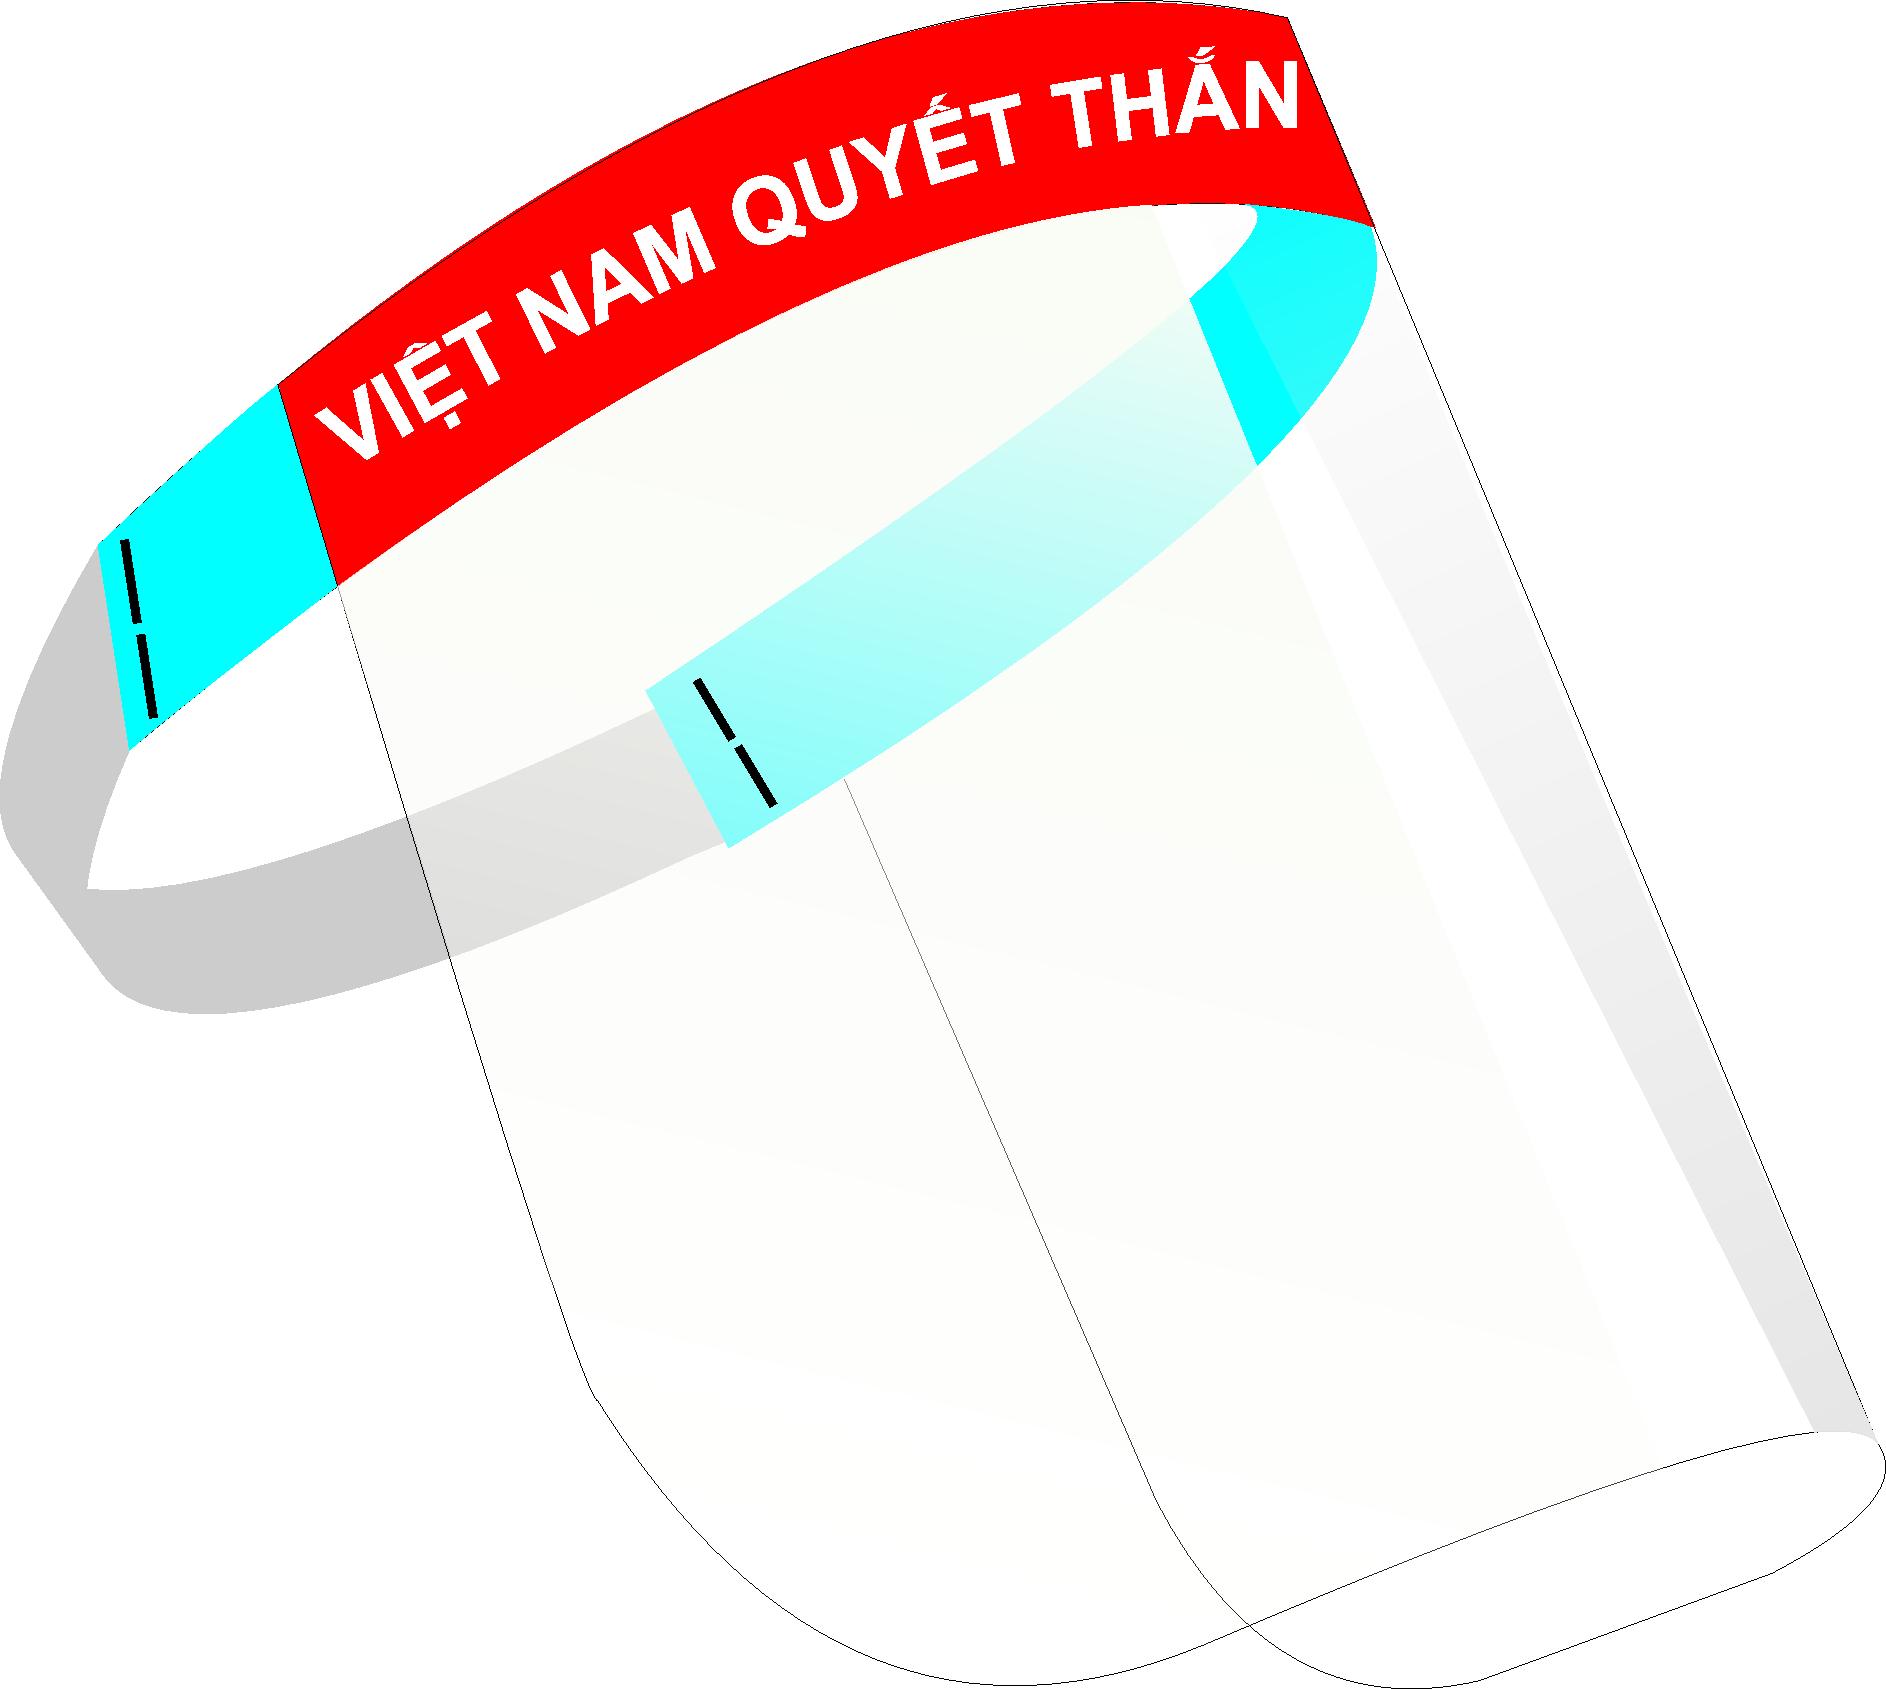 Làm mũ chống giọt bắn đơn giản tại nhà bằng những vật liệu dễ kiếm hoặc các bạn dê dàng mua được tại các cửa hàng văn phòng phẩm , tạp hóa gần nhà. Trước tình hình đại dịch COVID 19 diễn biến phức tạp, đồ phòng hộ không đủ để sử dụng, các bạn […]